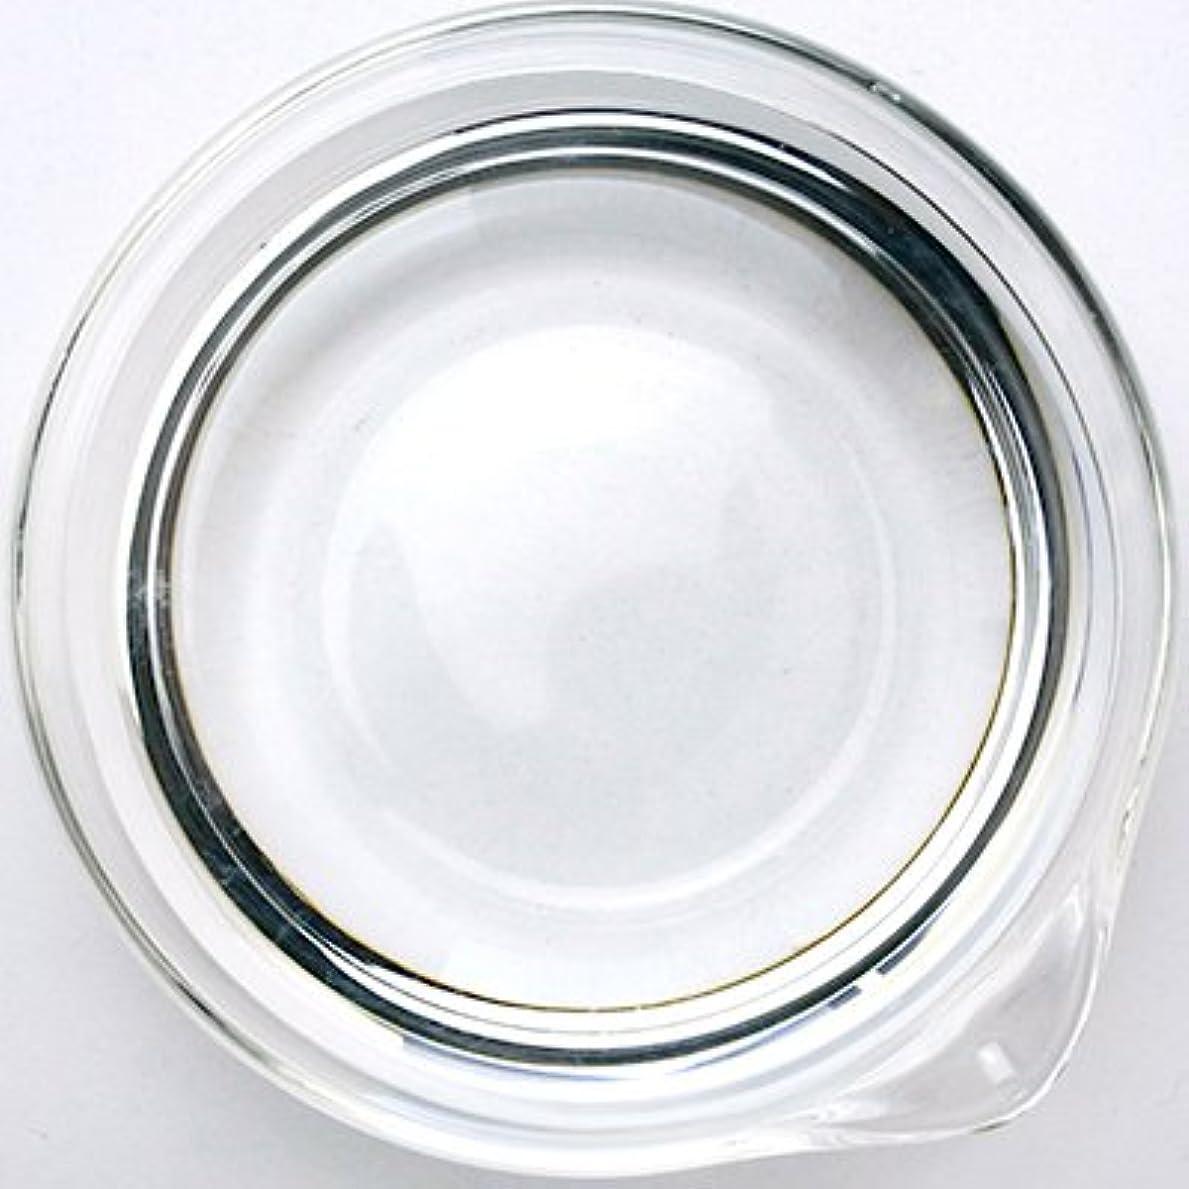 十スキーム福祉1,2-ヘキサンジオール 10ml 【防腐剤/抗菌剤/保湿剤/手作りコスメ】